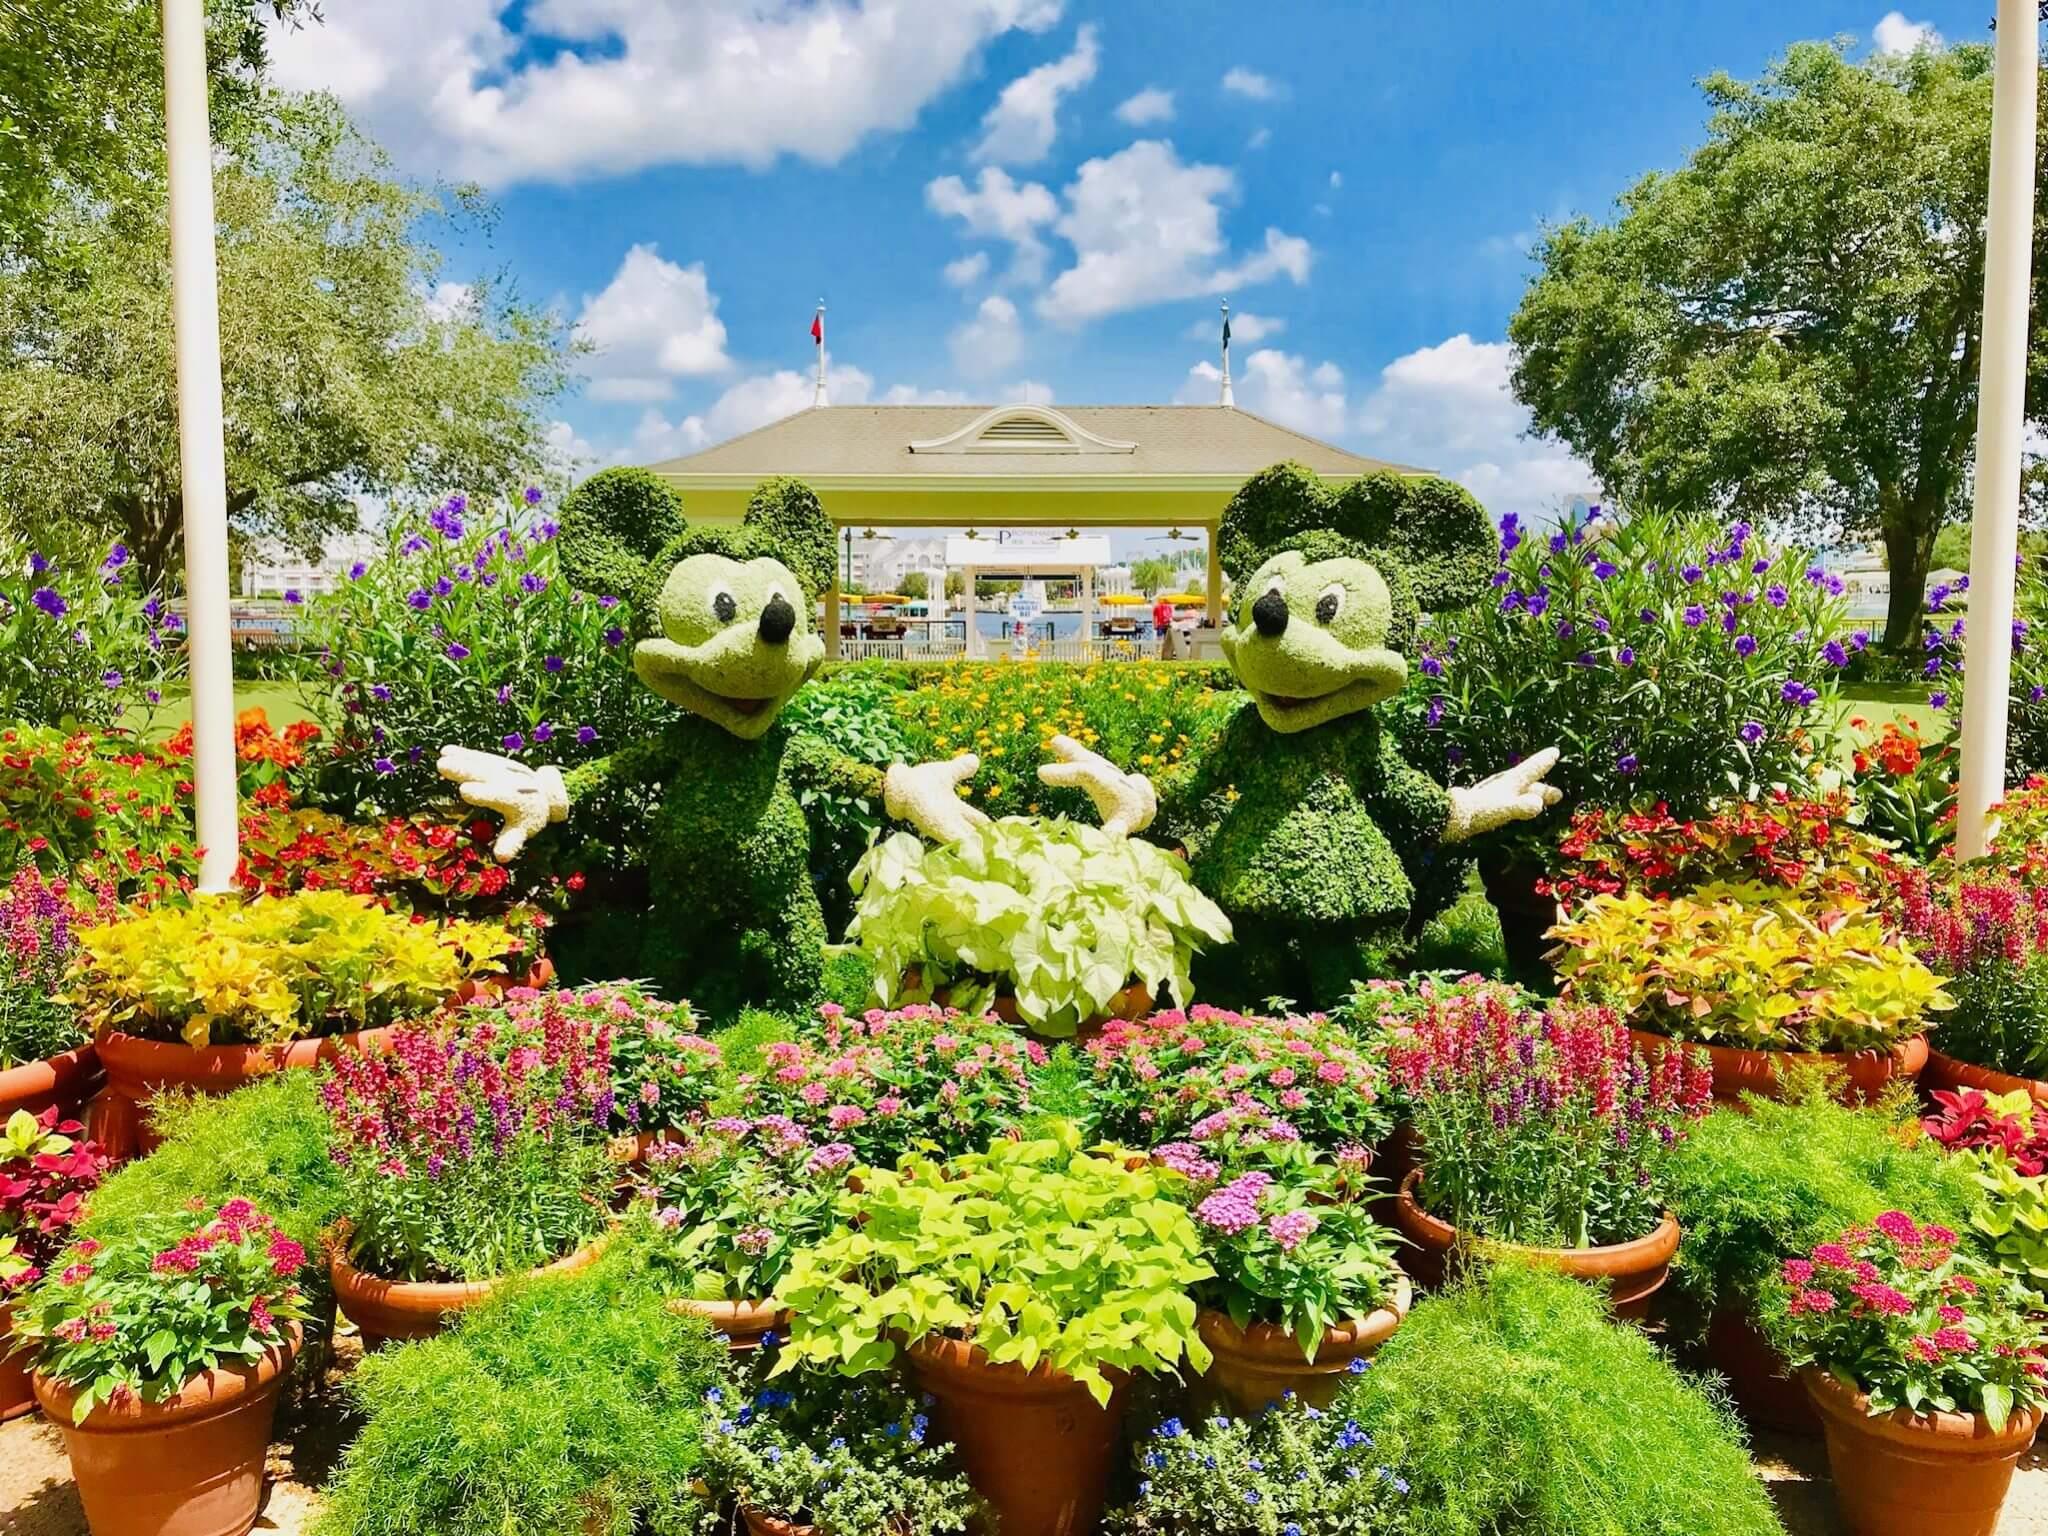 flower-and-garden-festival-at-disney-world-2020